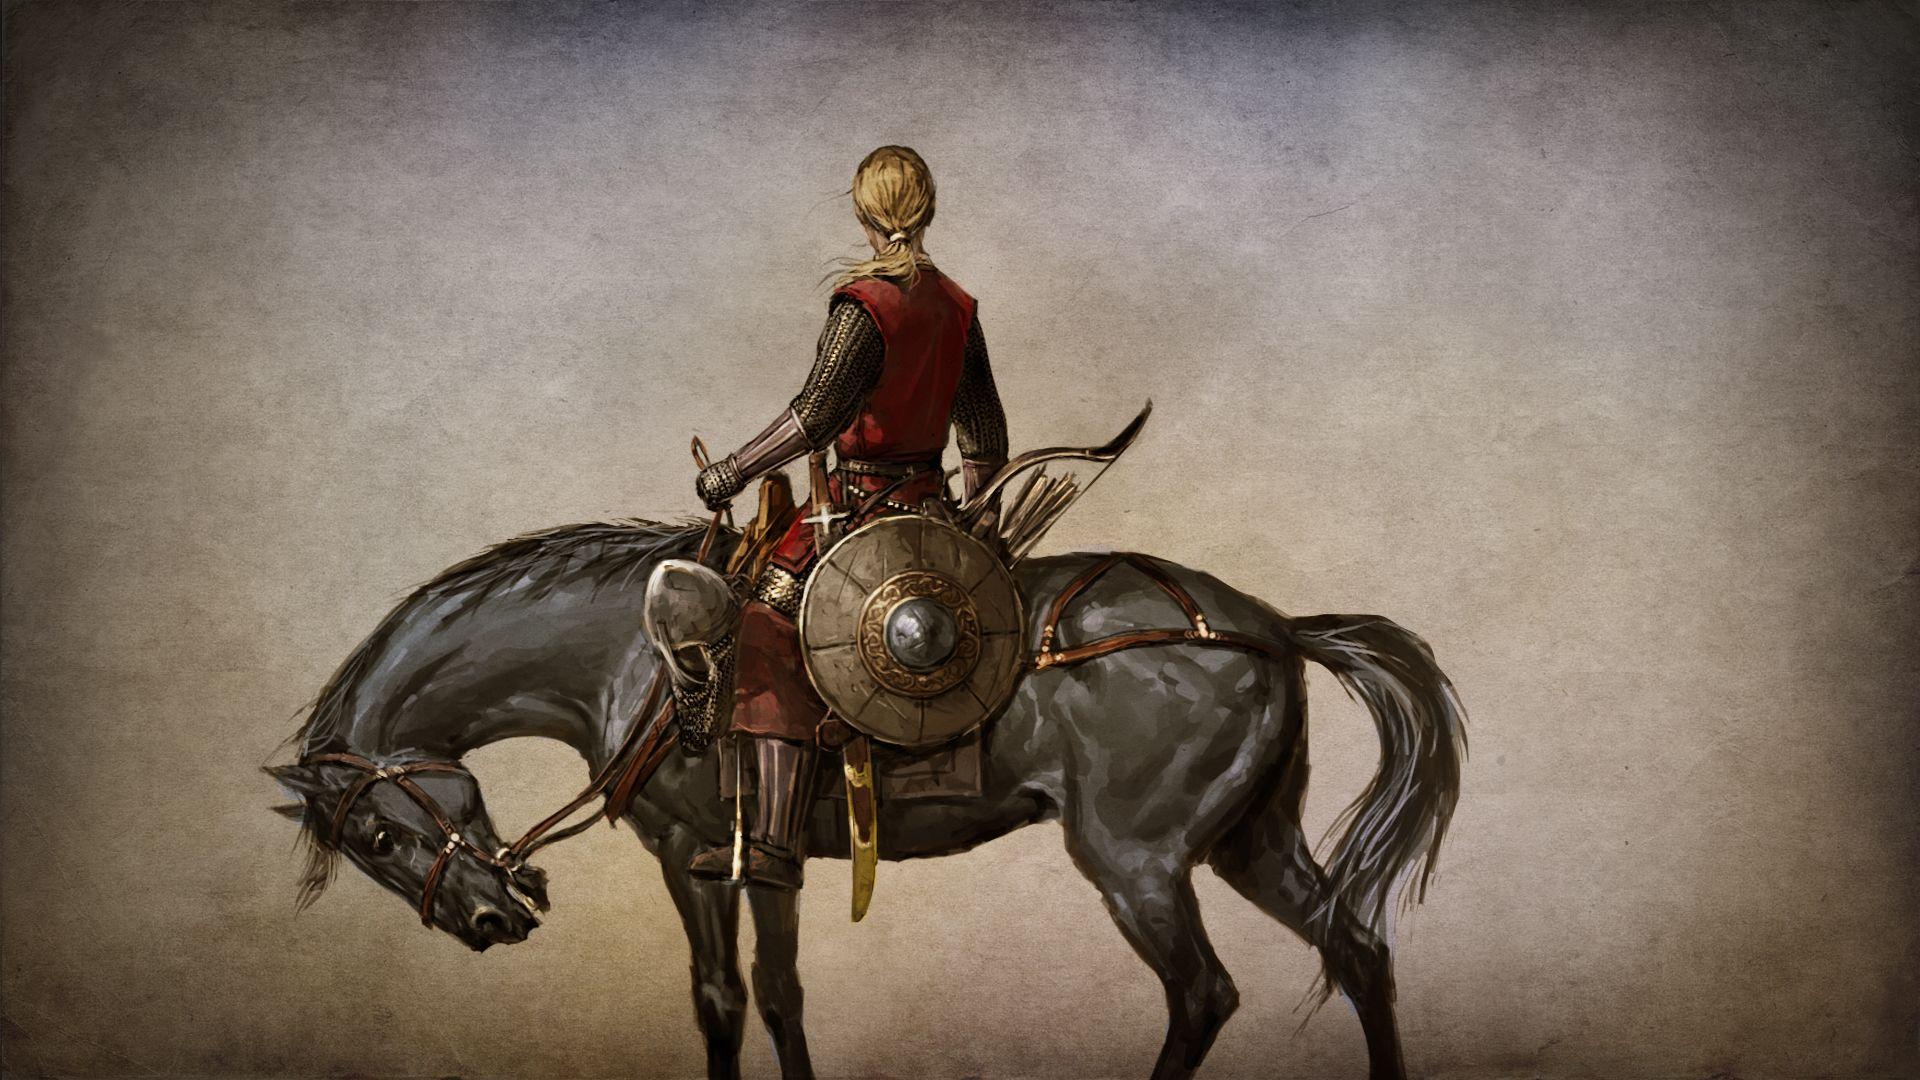 Top Wallpaper Horse Warrior - 9948a840bc435e6a66397a4b709bd76f  Image_108171.jpg